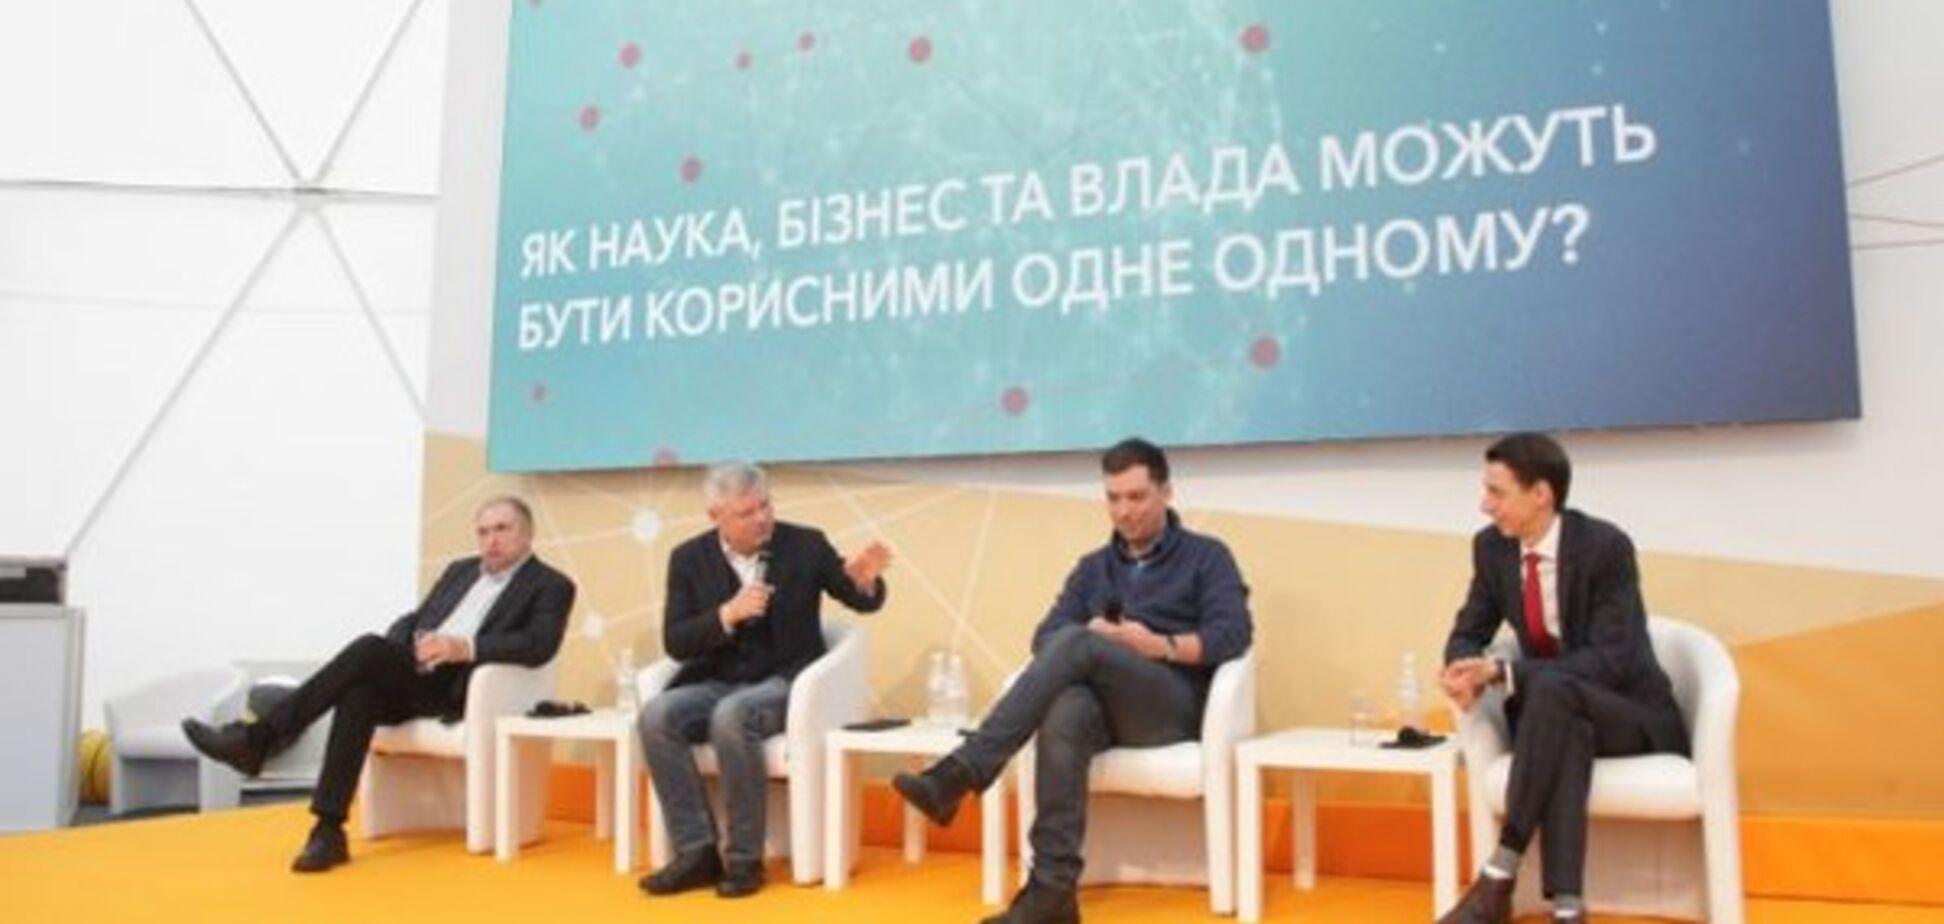 Бизнес готов инвестировать в инновации, но не знает, что предлагает наука - Янковский